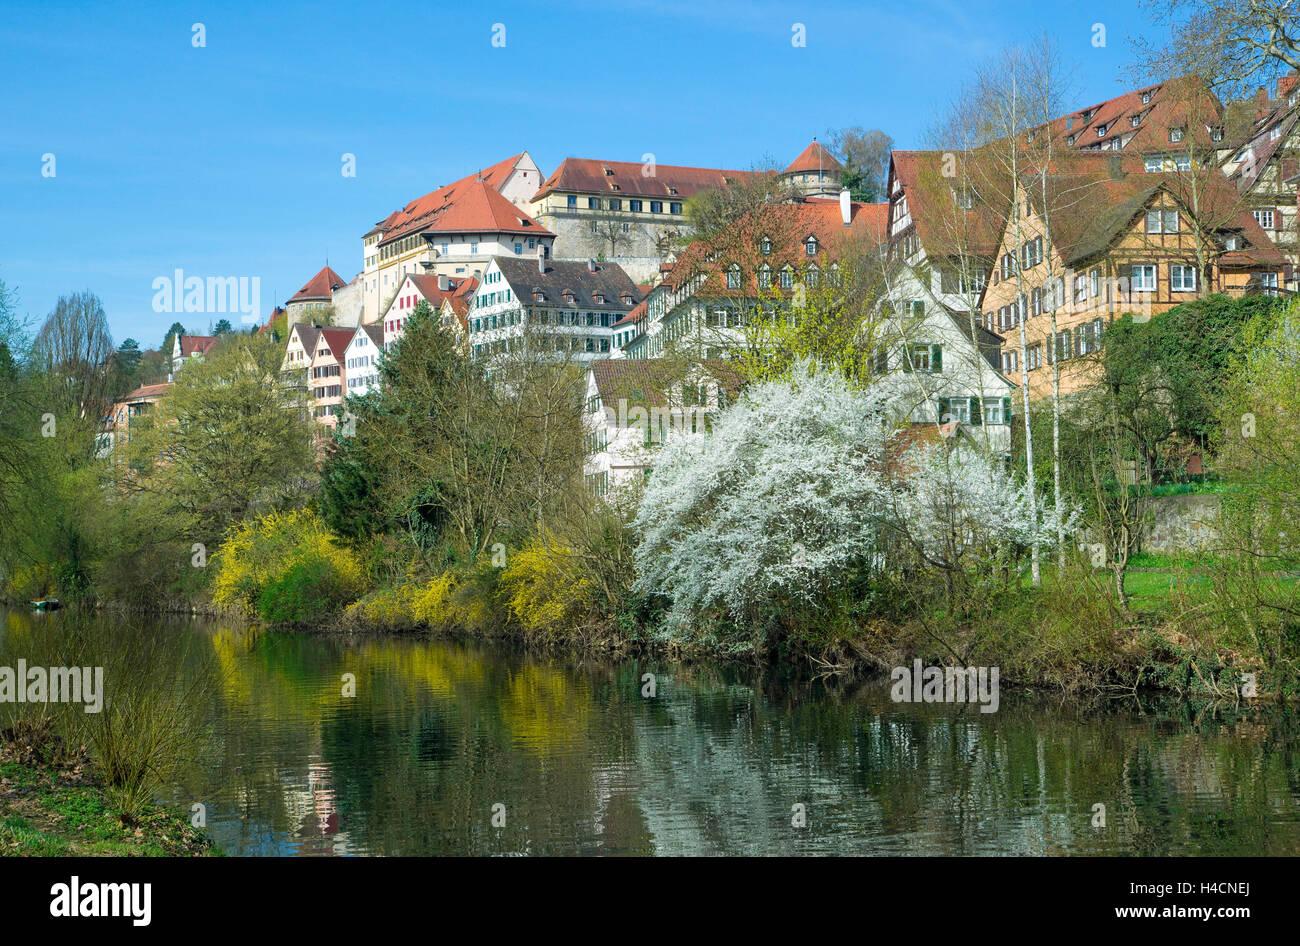 Germany, Baden-Wurttemberg, Tübingen, Houses On The Neckar